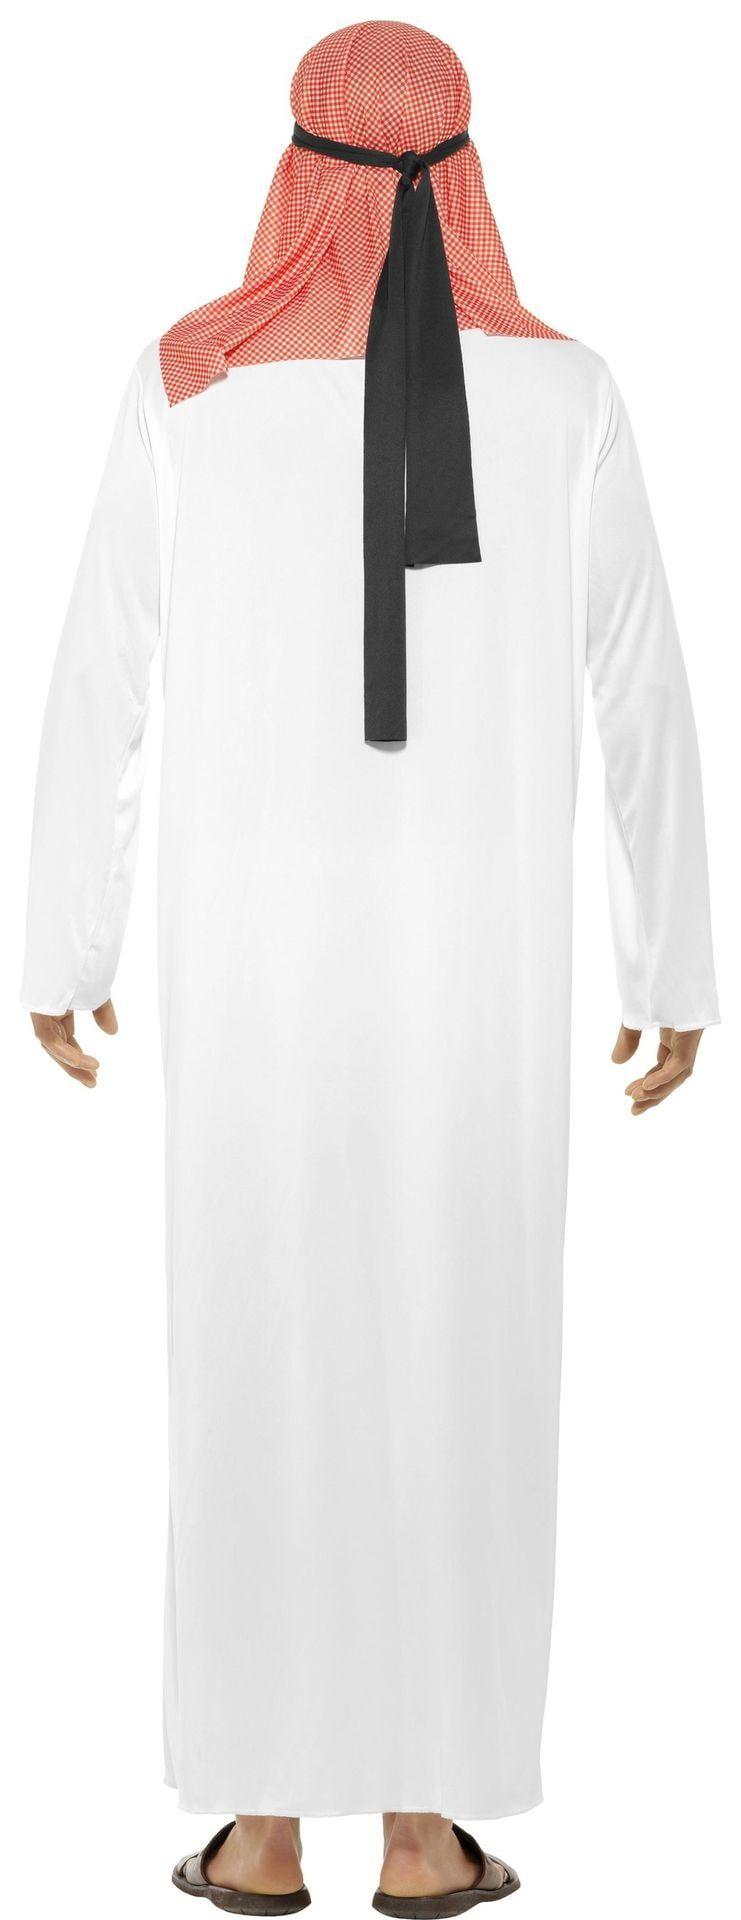 Rijke sjeik kostuum